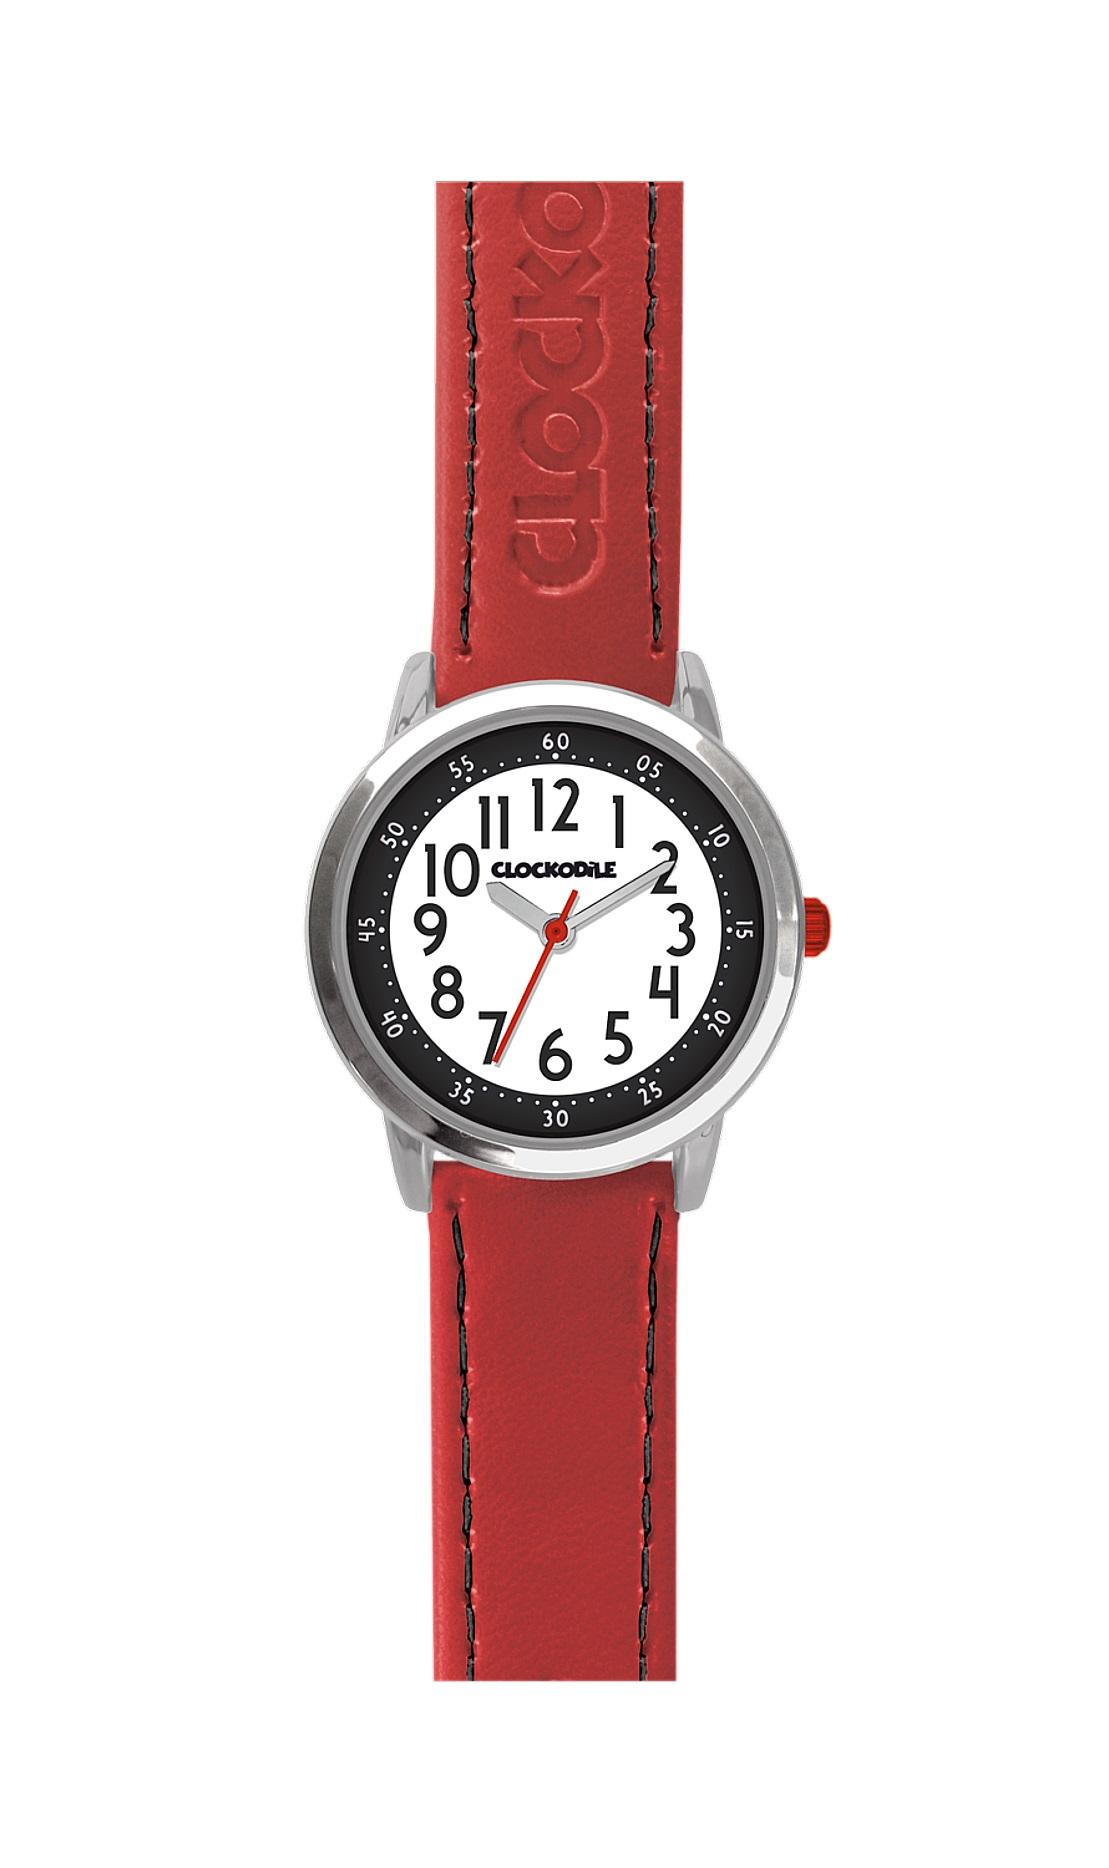 Dětské červené chlapecké hodinky CLOCKODILE COLOUR CWB0010